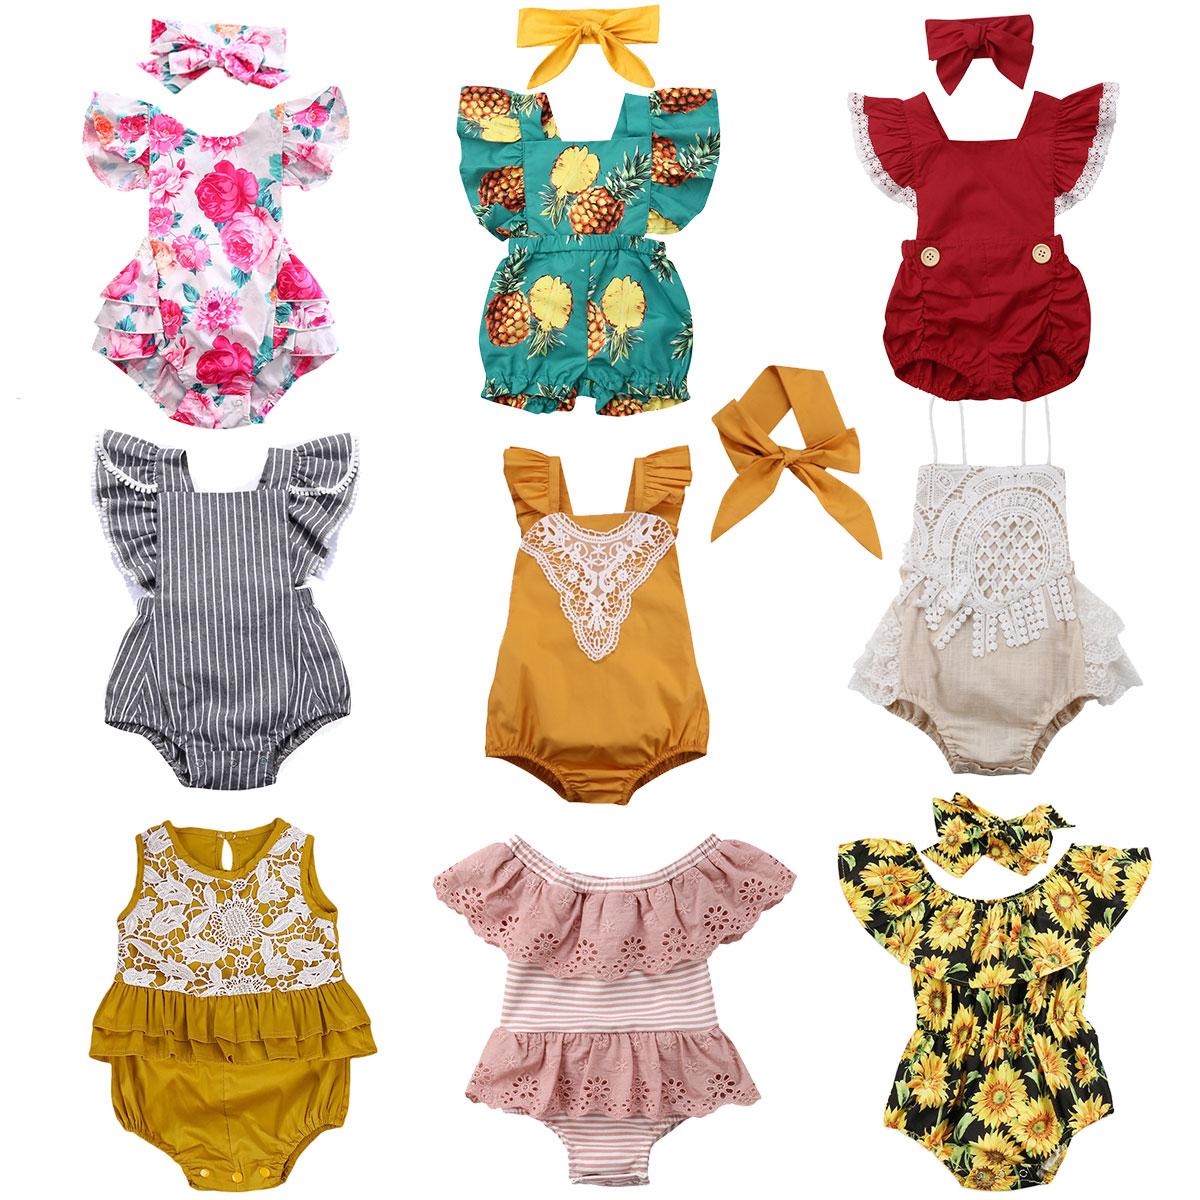 Комбинезон с оборками для новорожденных девочек, летняя кружевная одежда с цветами для маленьких девочек, комбинезон для маленьких девочек, новинка 2019